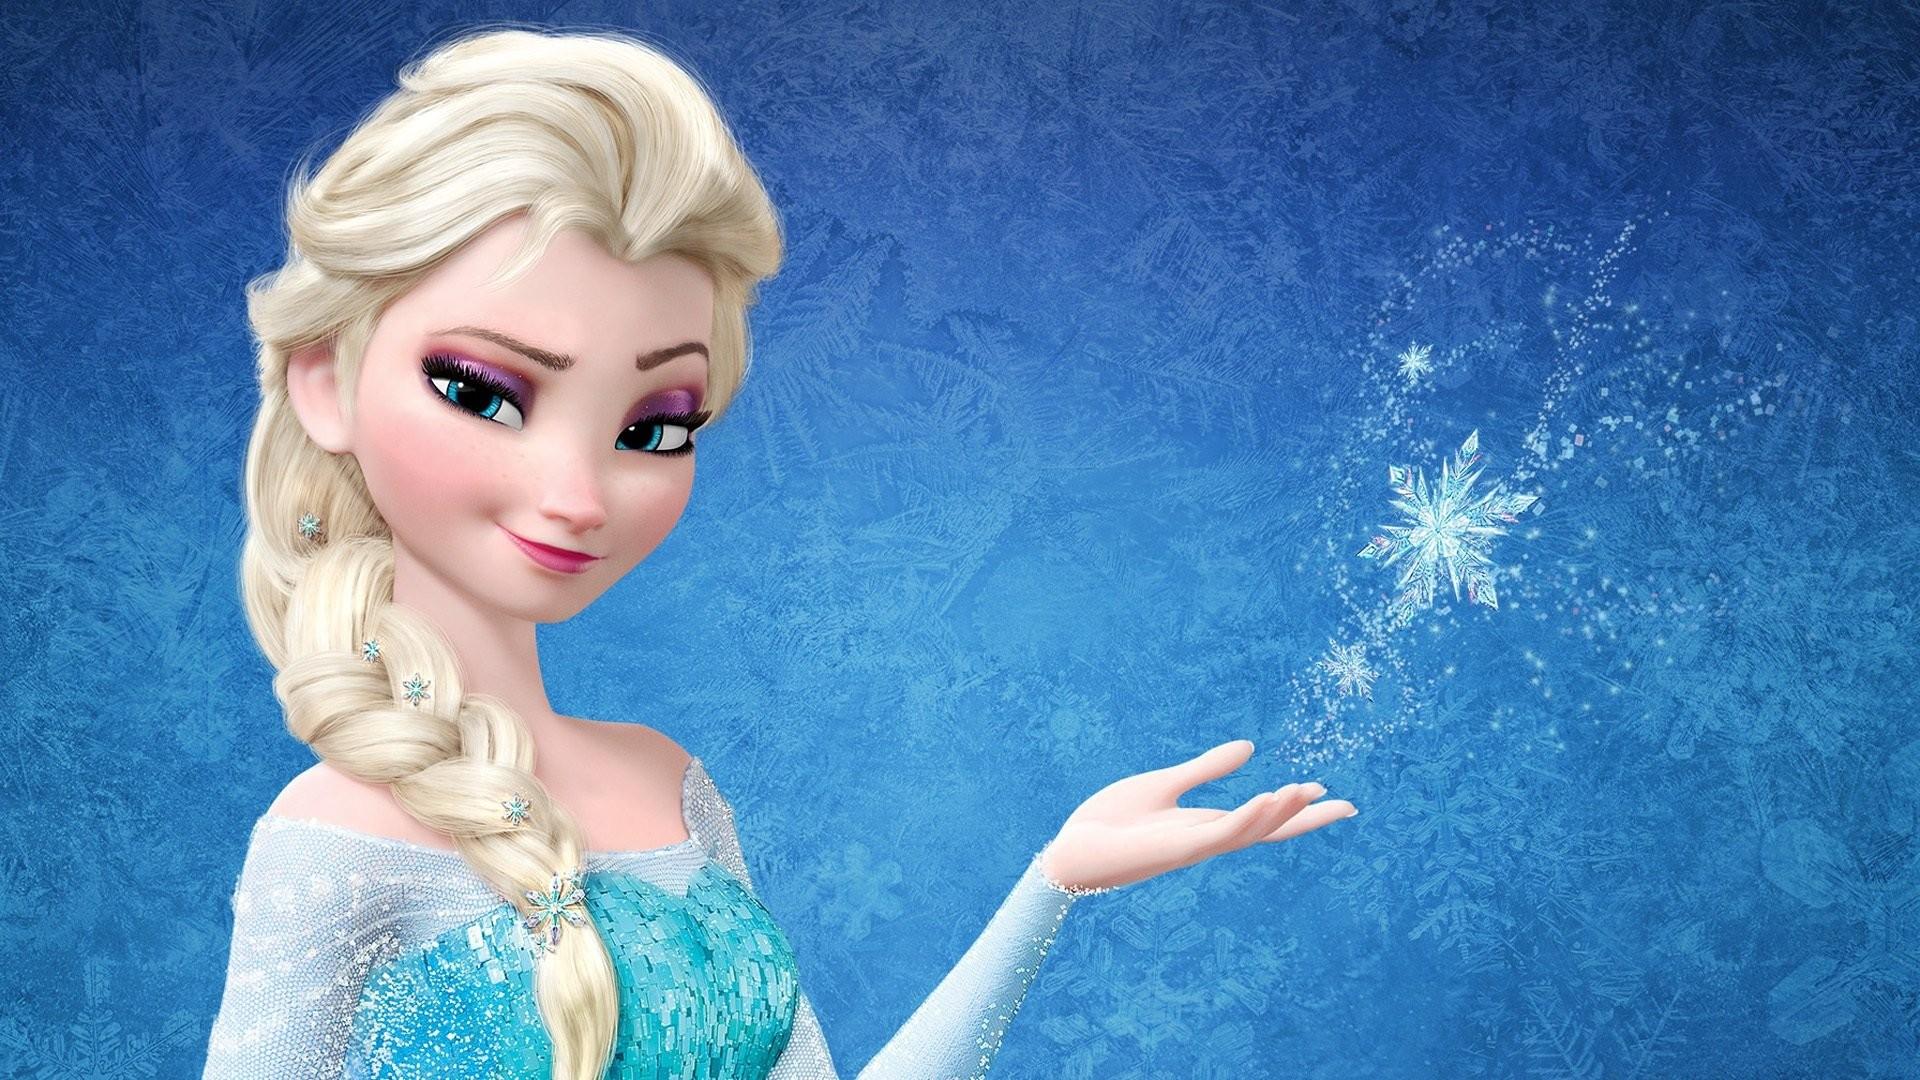 Hintergrundbilder Kleid Blau Gefrorener Film Haar Spielzeug